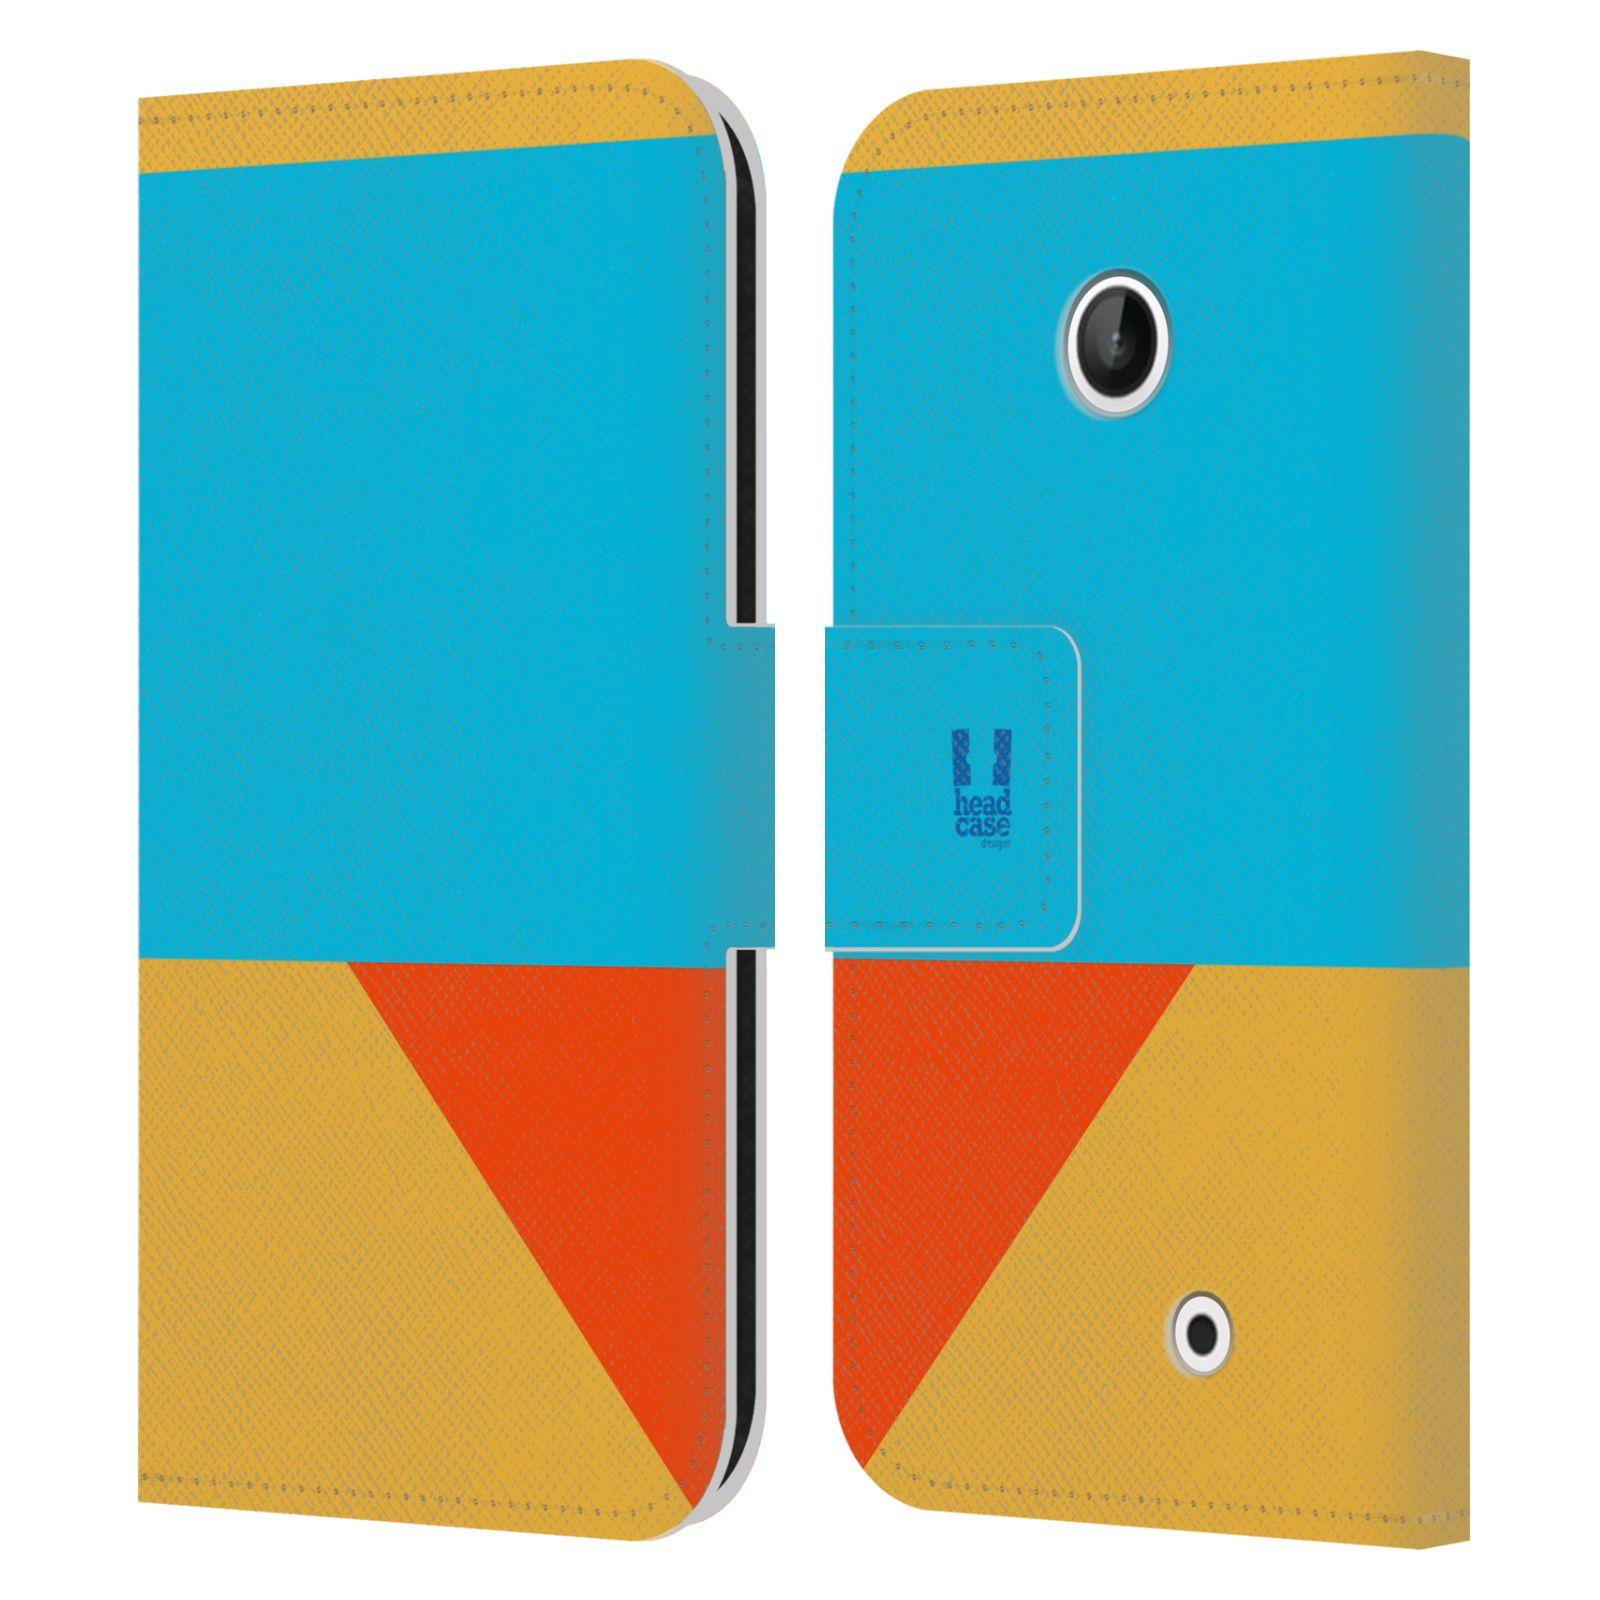 HEAD CASE Flipové pouzdro pro mobil Nokia LUMIA 630/630 DUAL barevné tvary béžová a modrá DAY WEAR